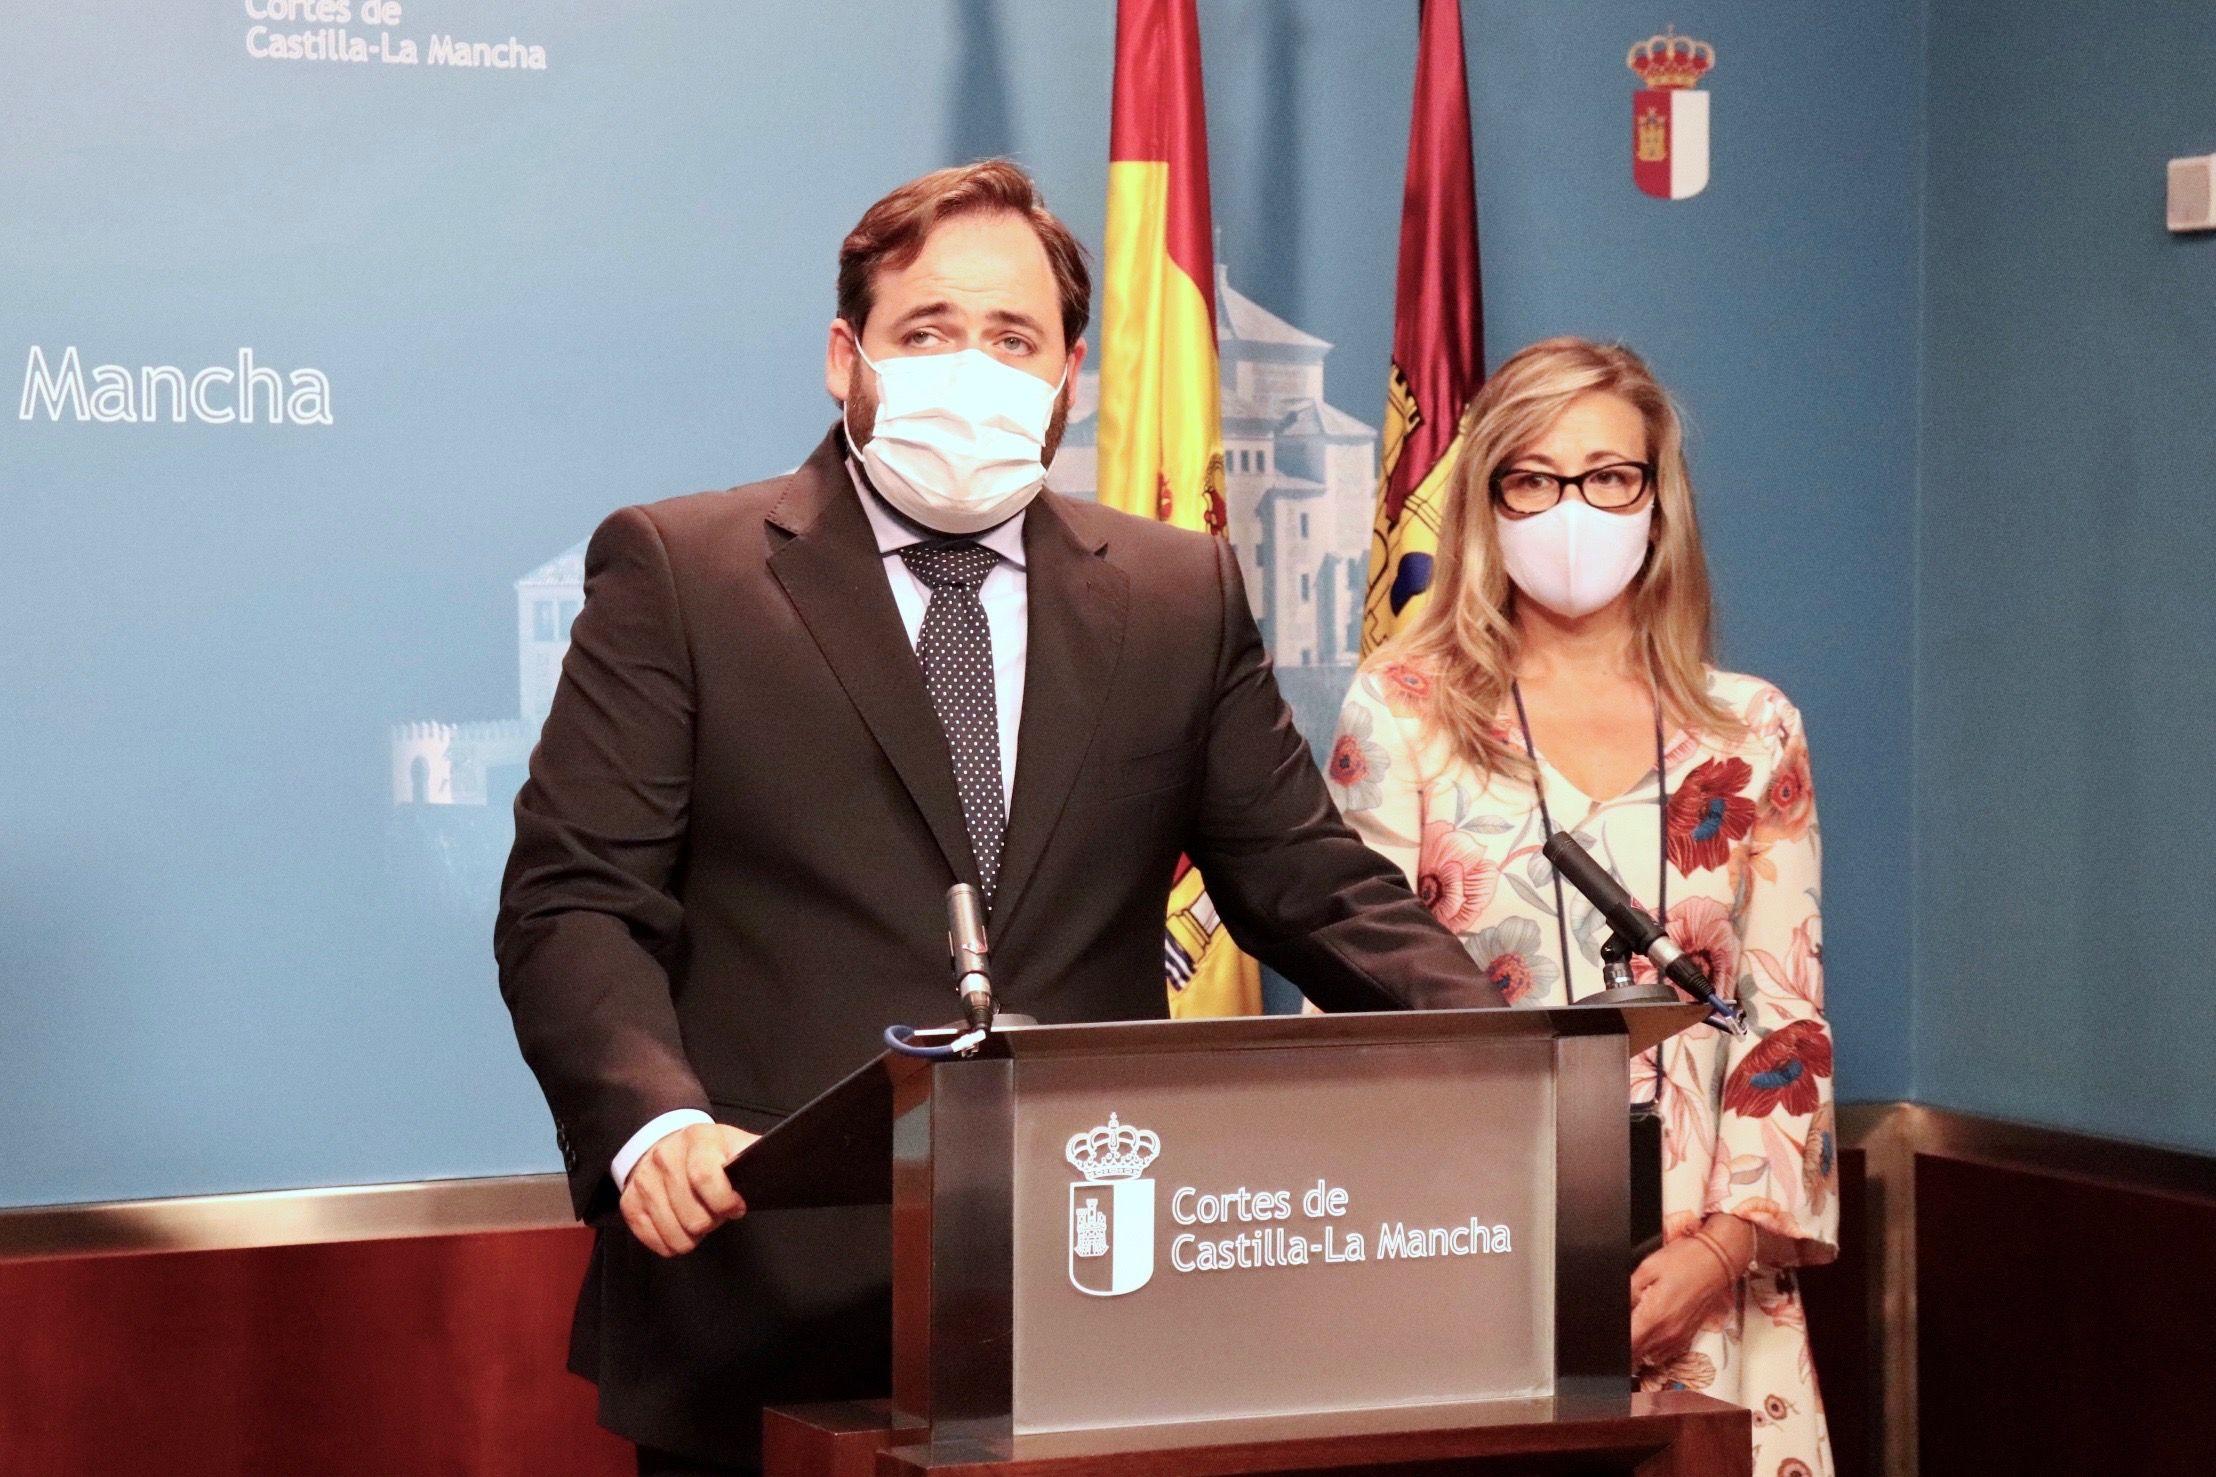 Núñez avisa de que las propuestas del PP-CLM no salen de los despachos, sino de la escucha activa con la sociedad civil